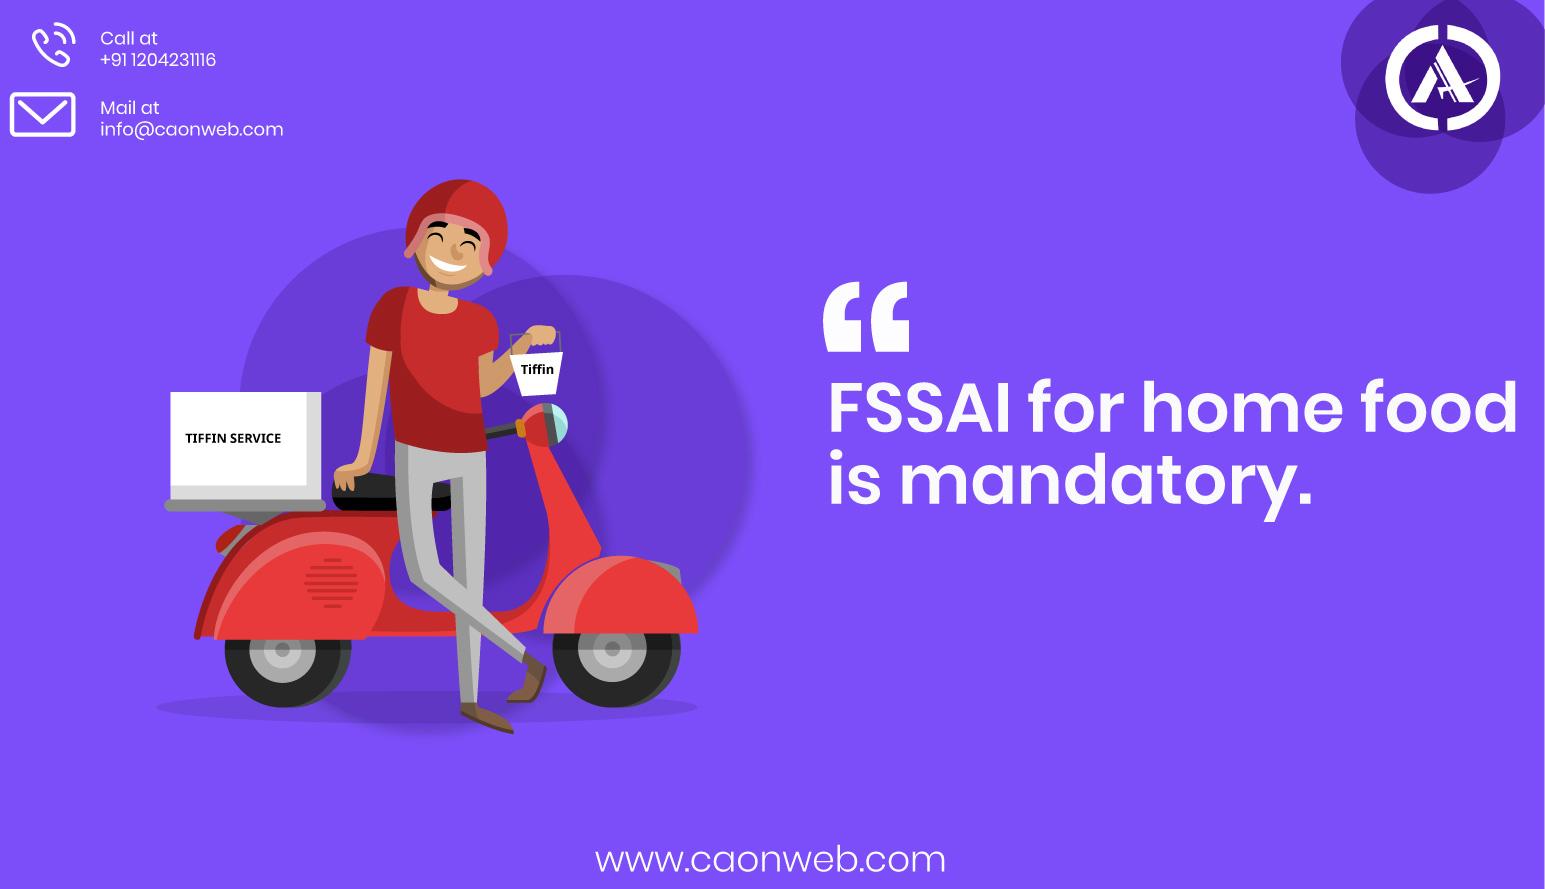 Fssai registration services in Delhi